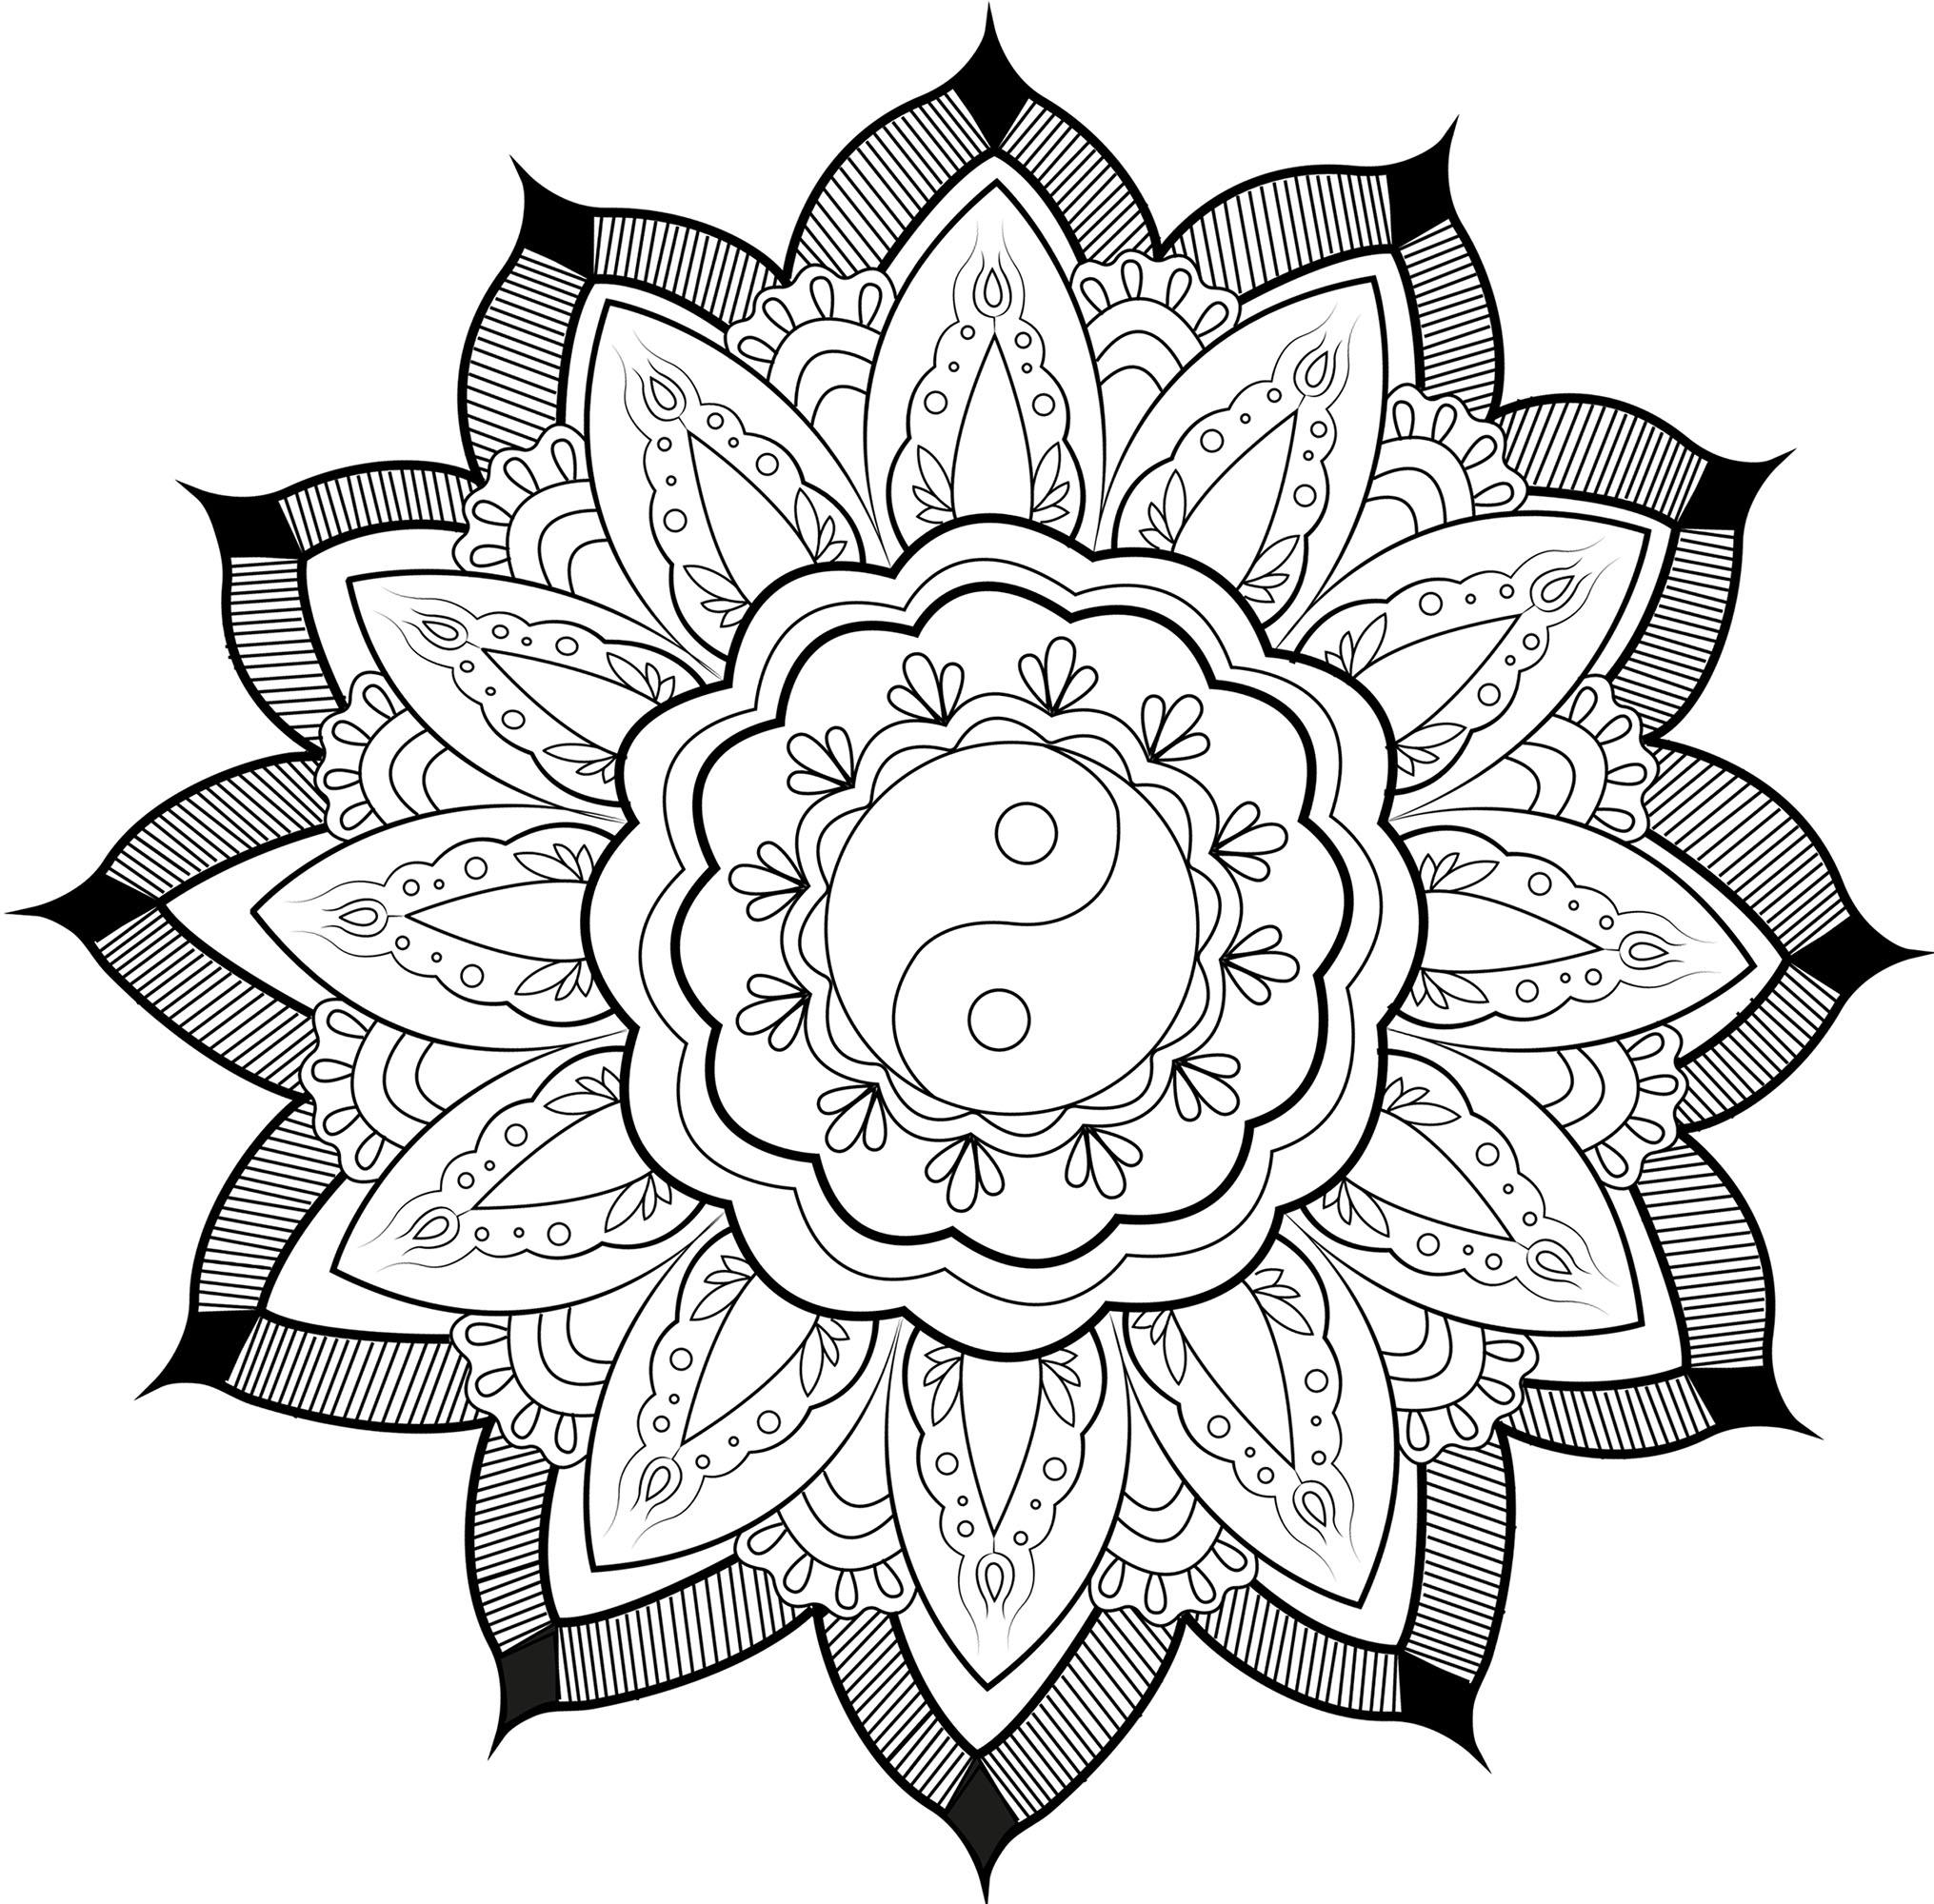 Joli Mandala avec un symbole Yin & Yang au milieu, et de jolies feuilles l'entourant